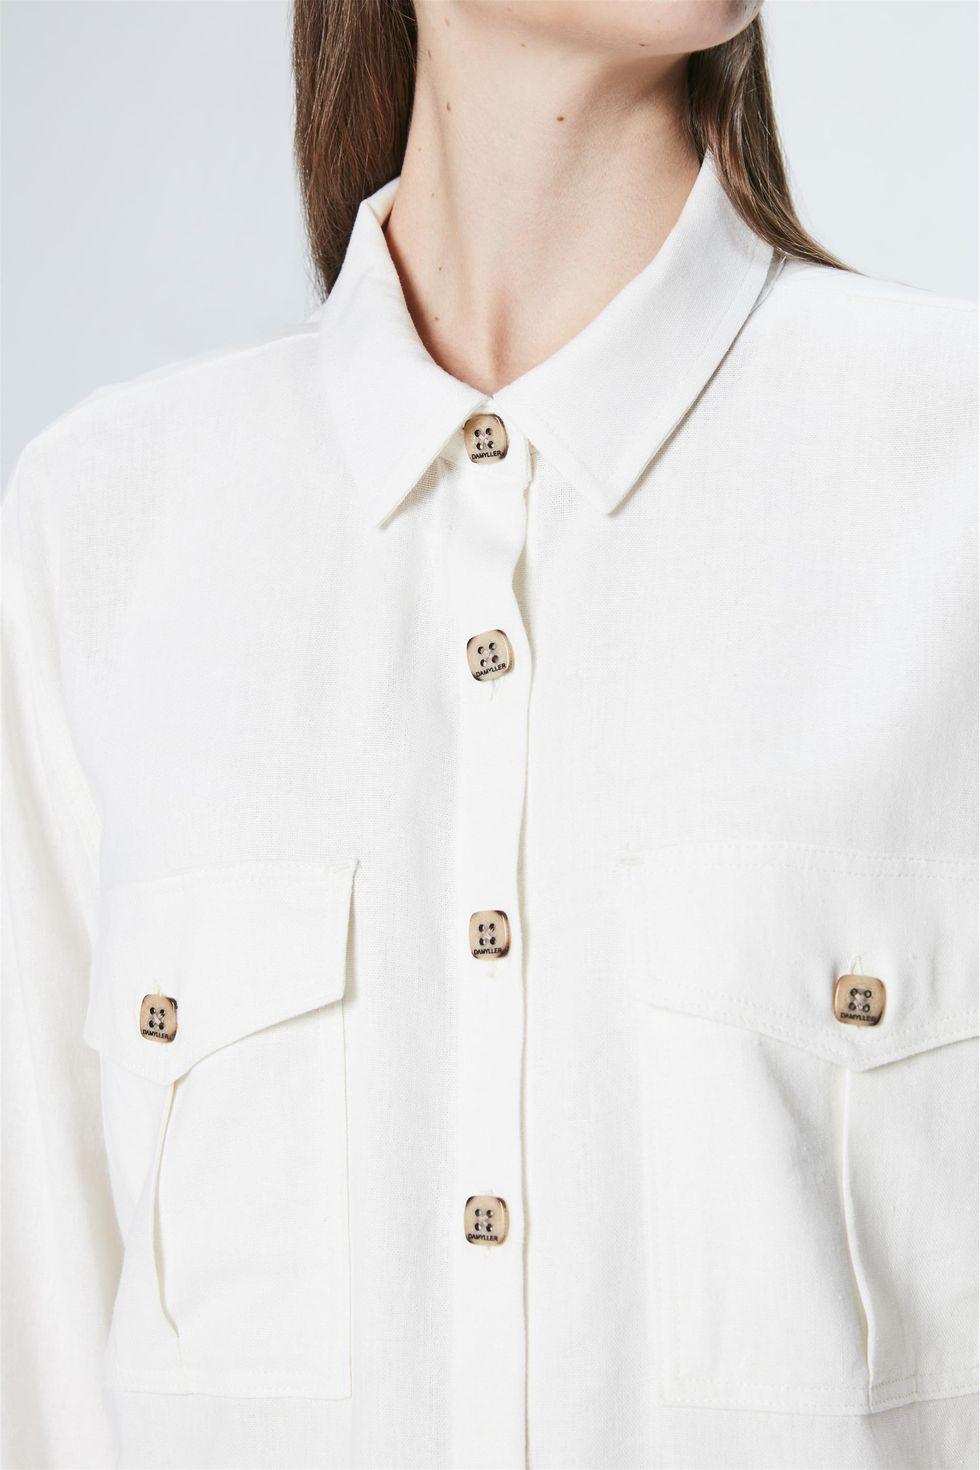 Camisa-de-Linho-Feminina-Frente--